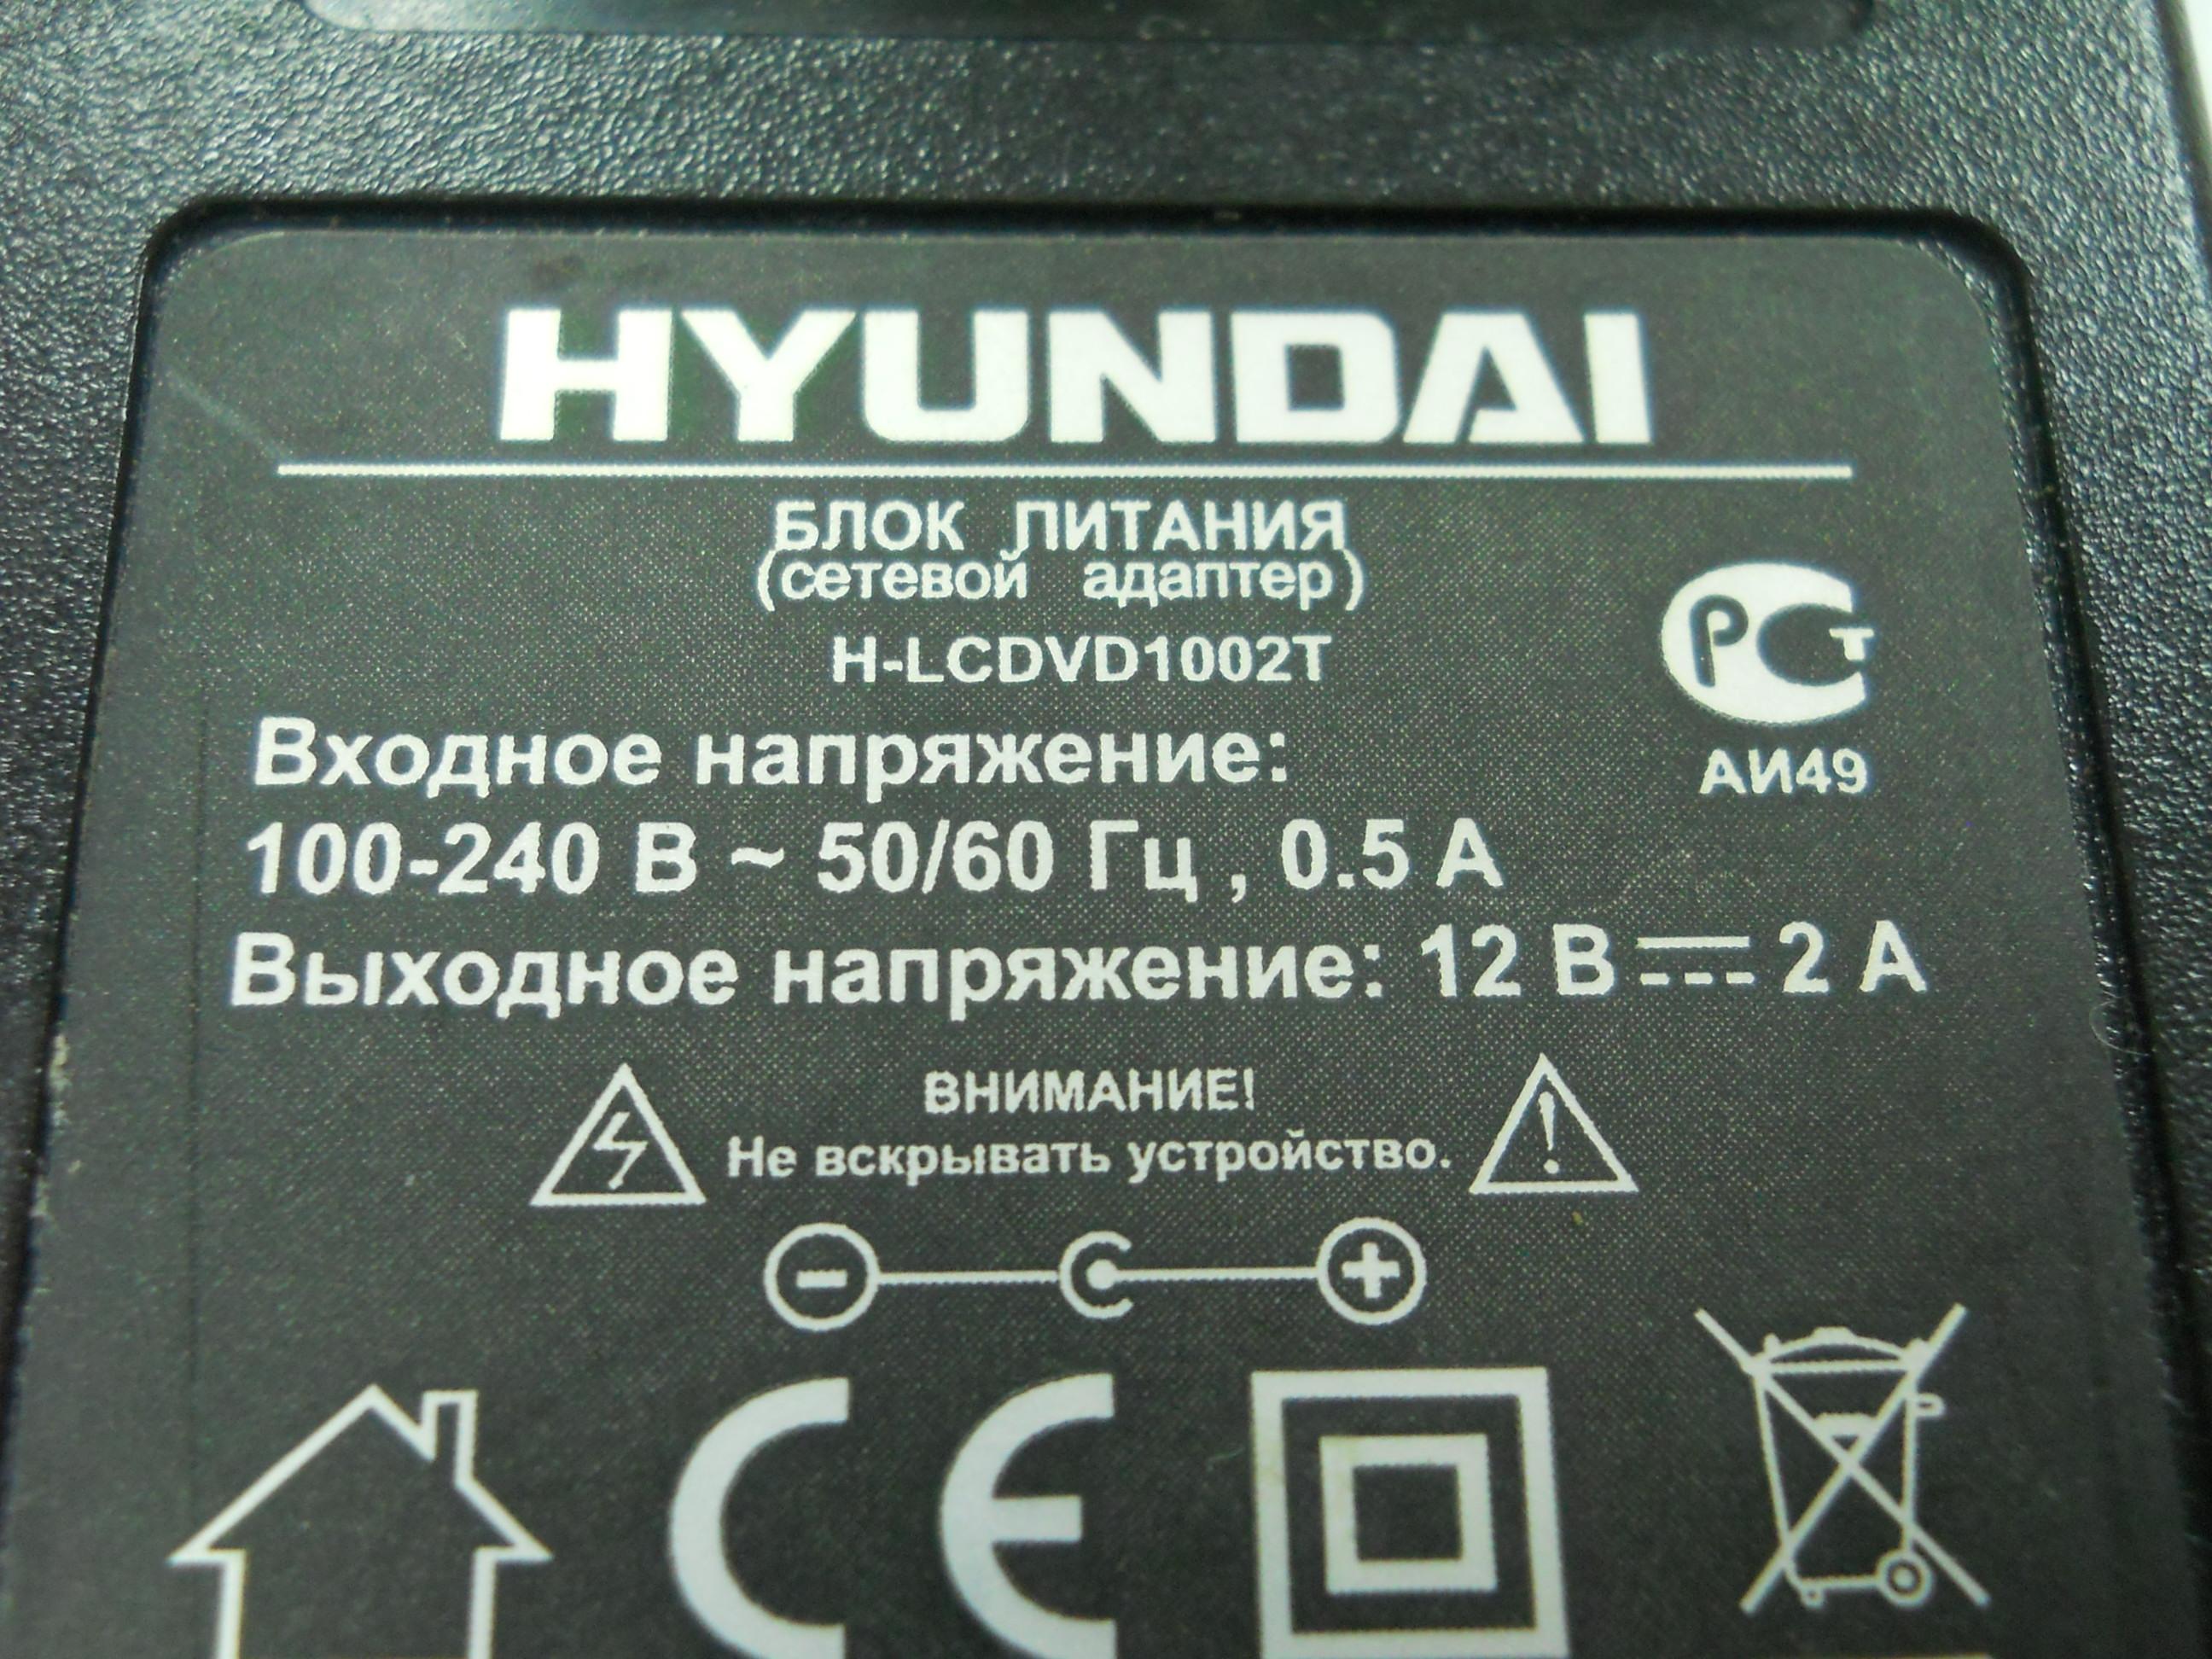 Блоки питания на 12 вольт 2 ампера своими руками